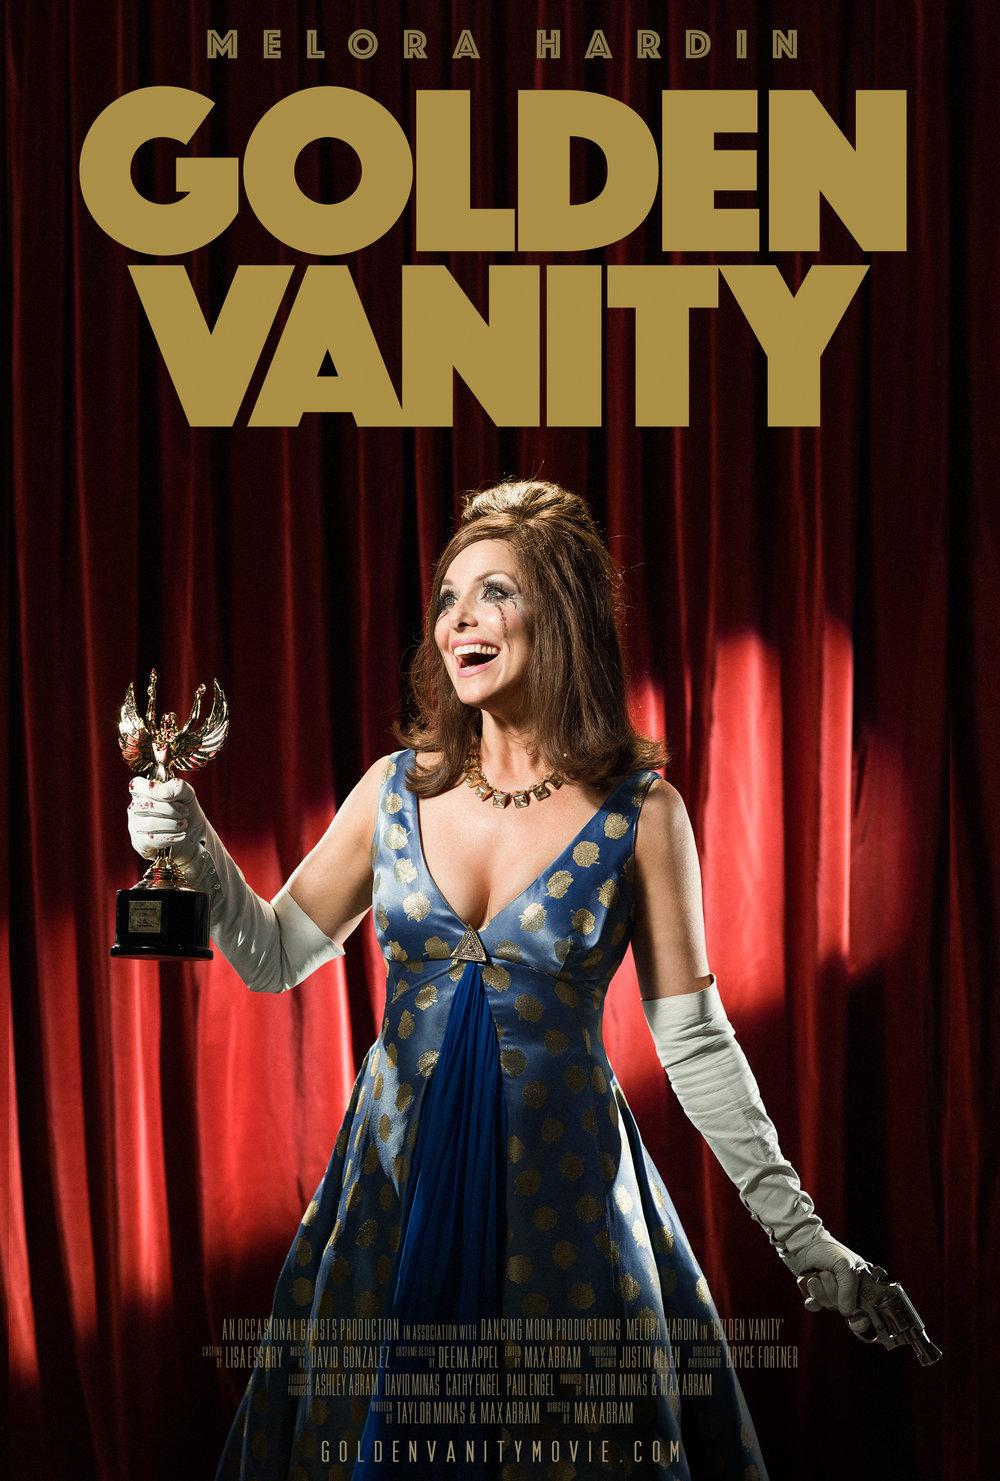 Golden Vanity - Poster.jpg